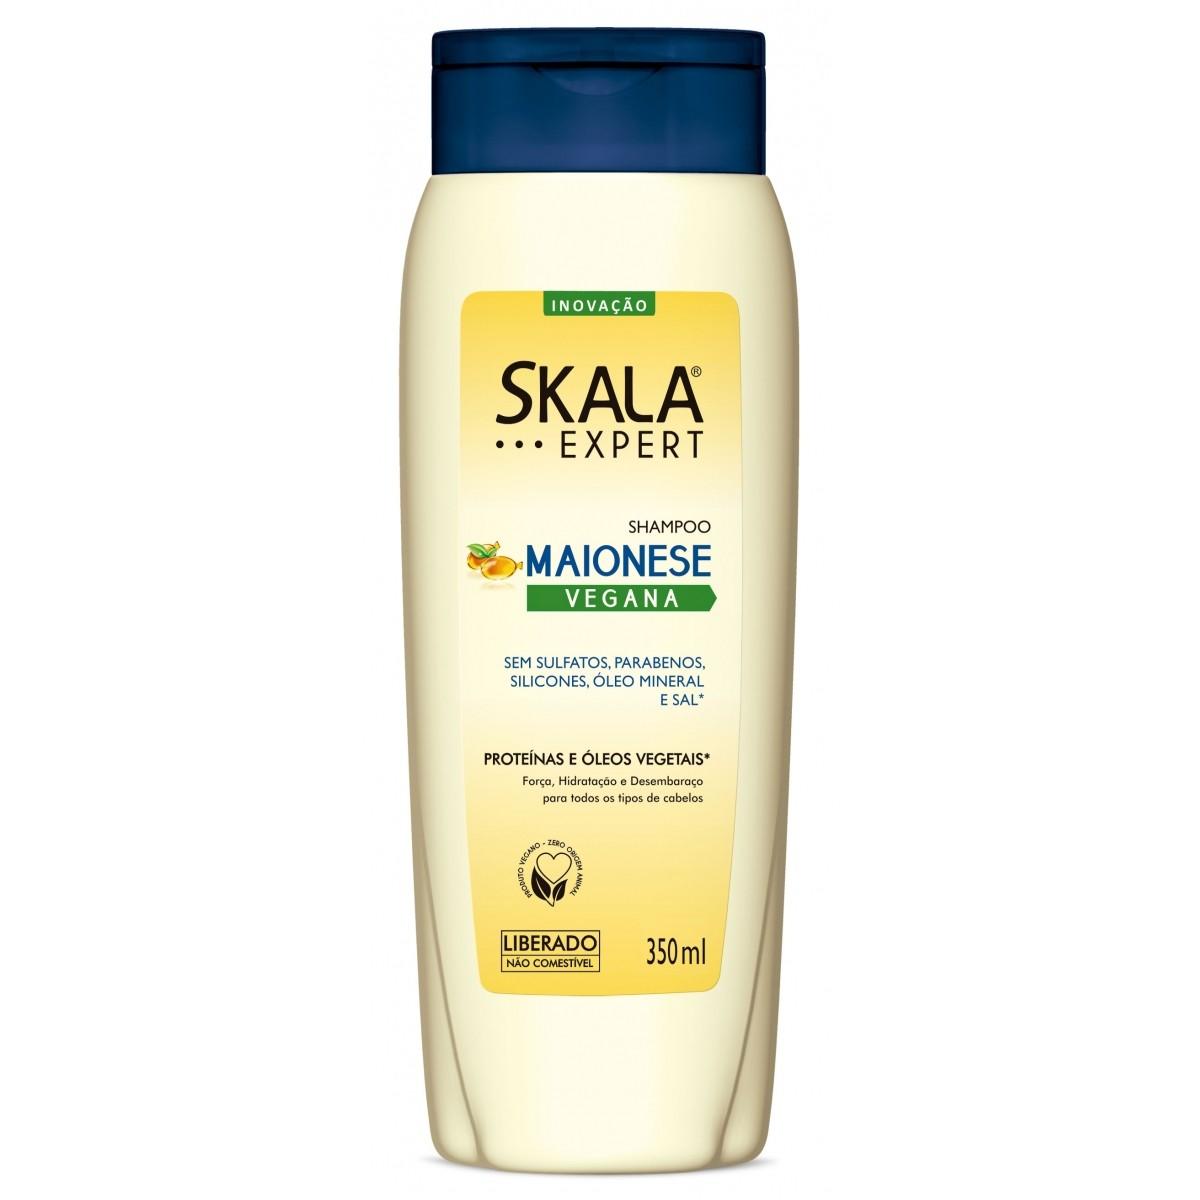 Shampoo Maionese Vegana